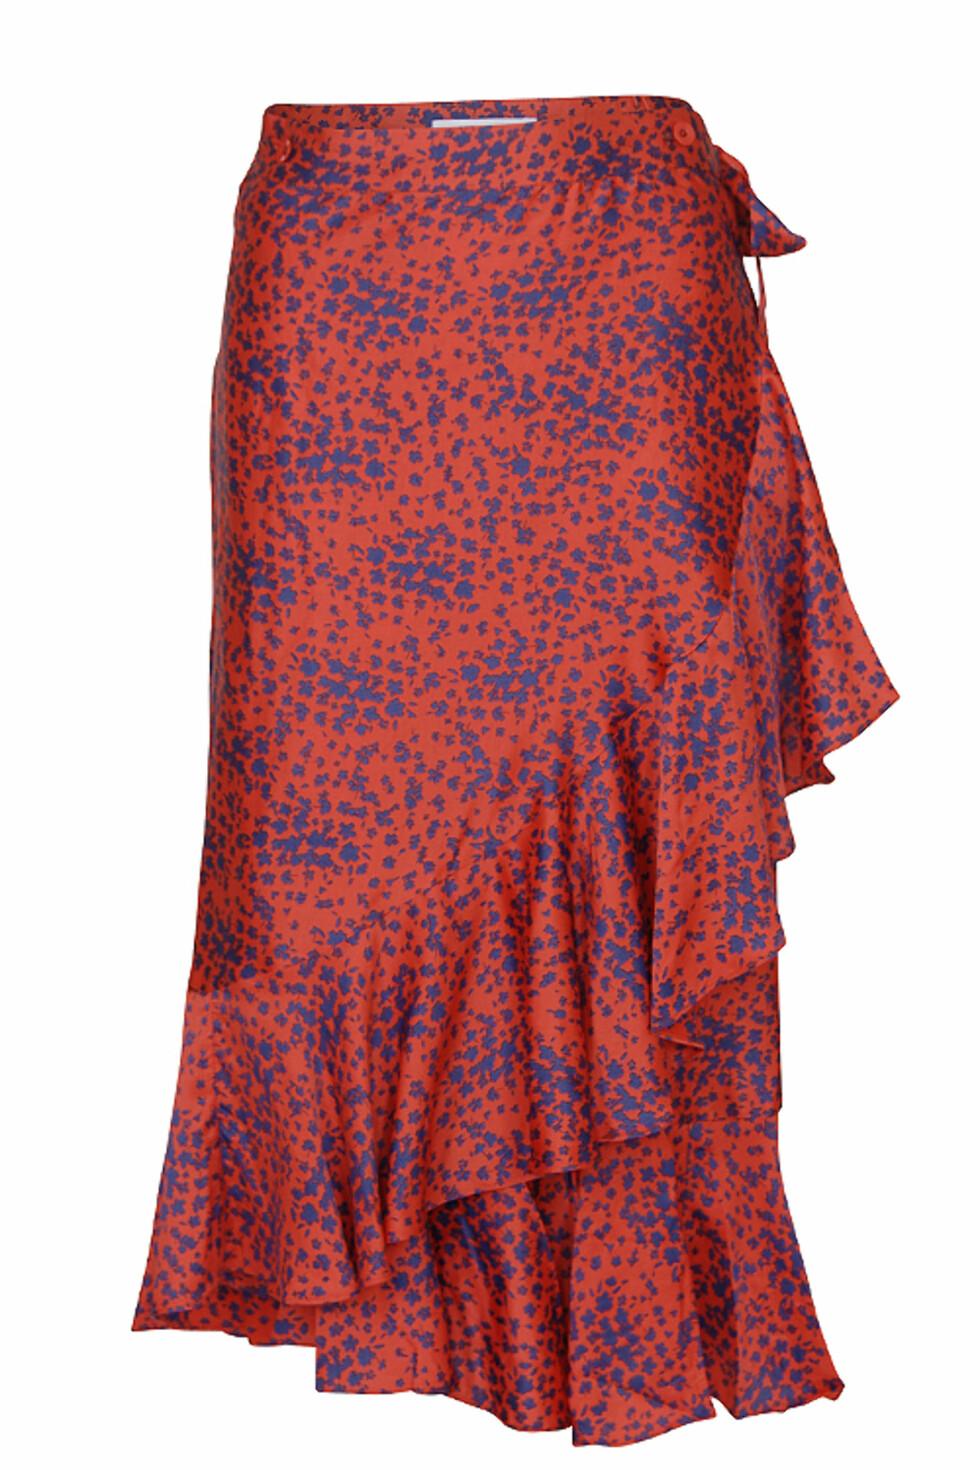 Skjørt fra Rodebjer |1756,-|http://www.rodebjer.com/no/shop/dresses-and-skirts/skirt-hazel-scatter/1310107004.html?cgid=Dresses